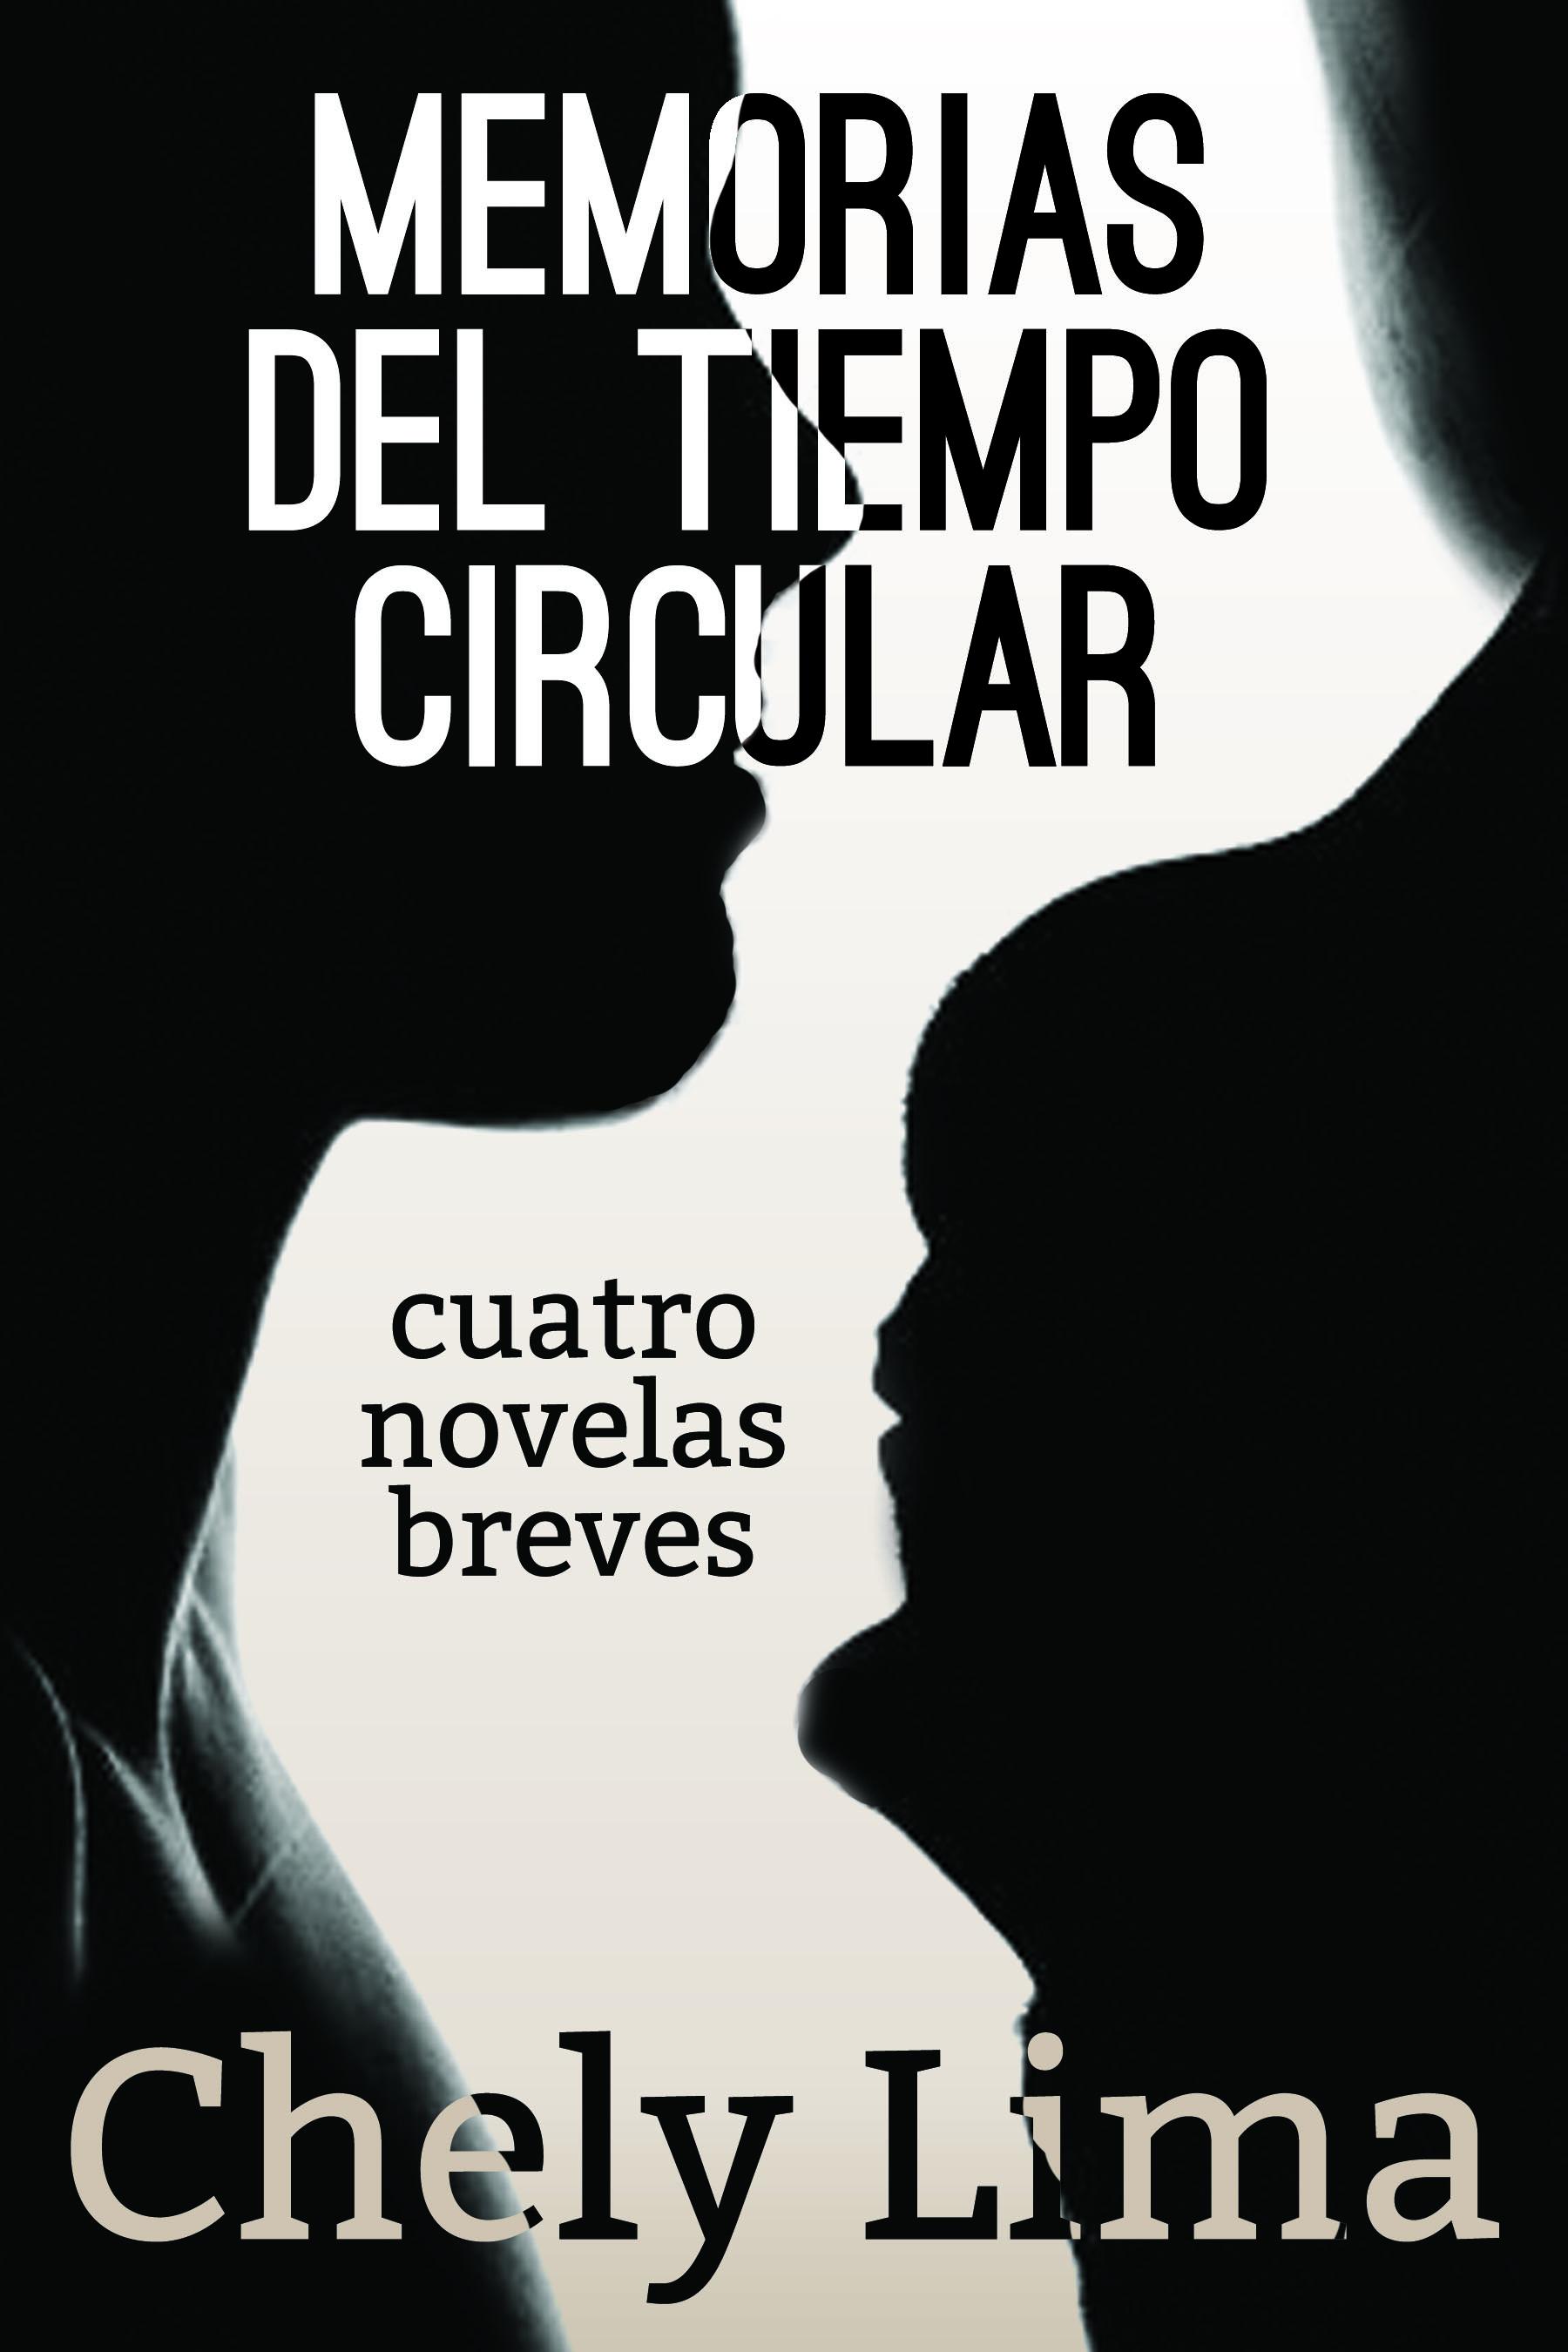 Memorias del tiempo circular, Chely Lima,. Eriginal Books